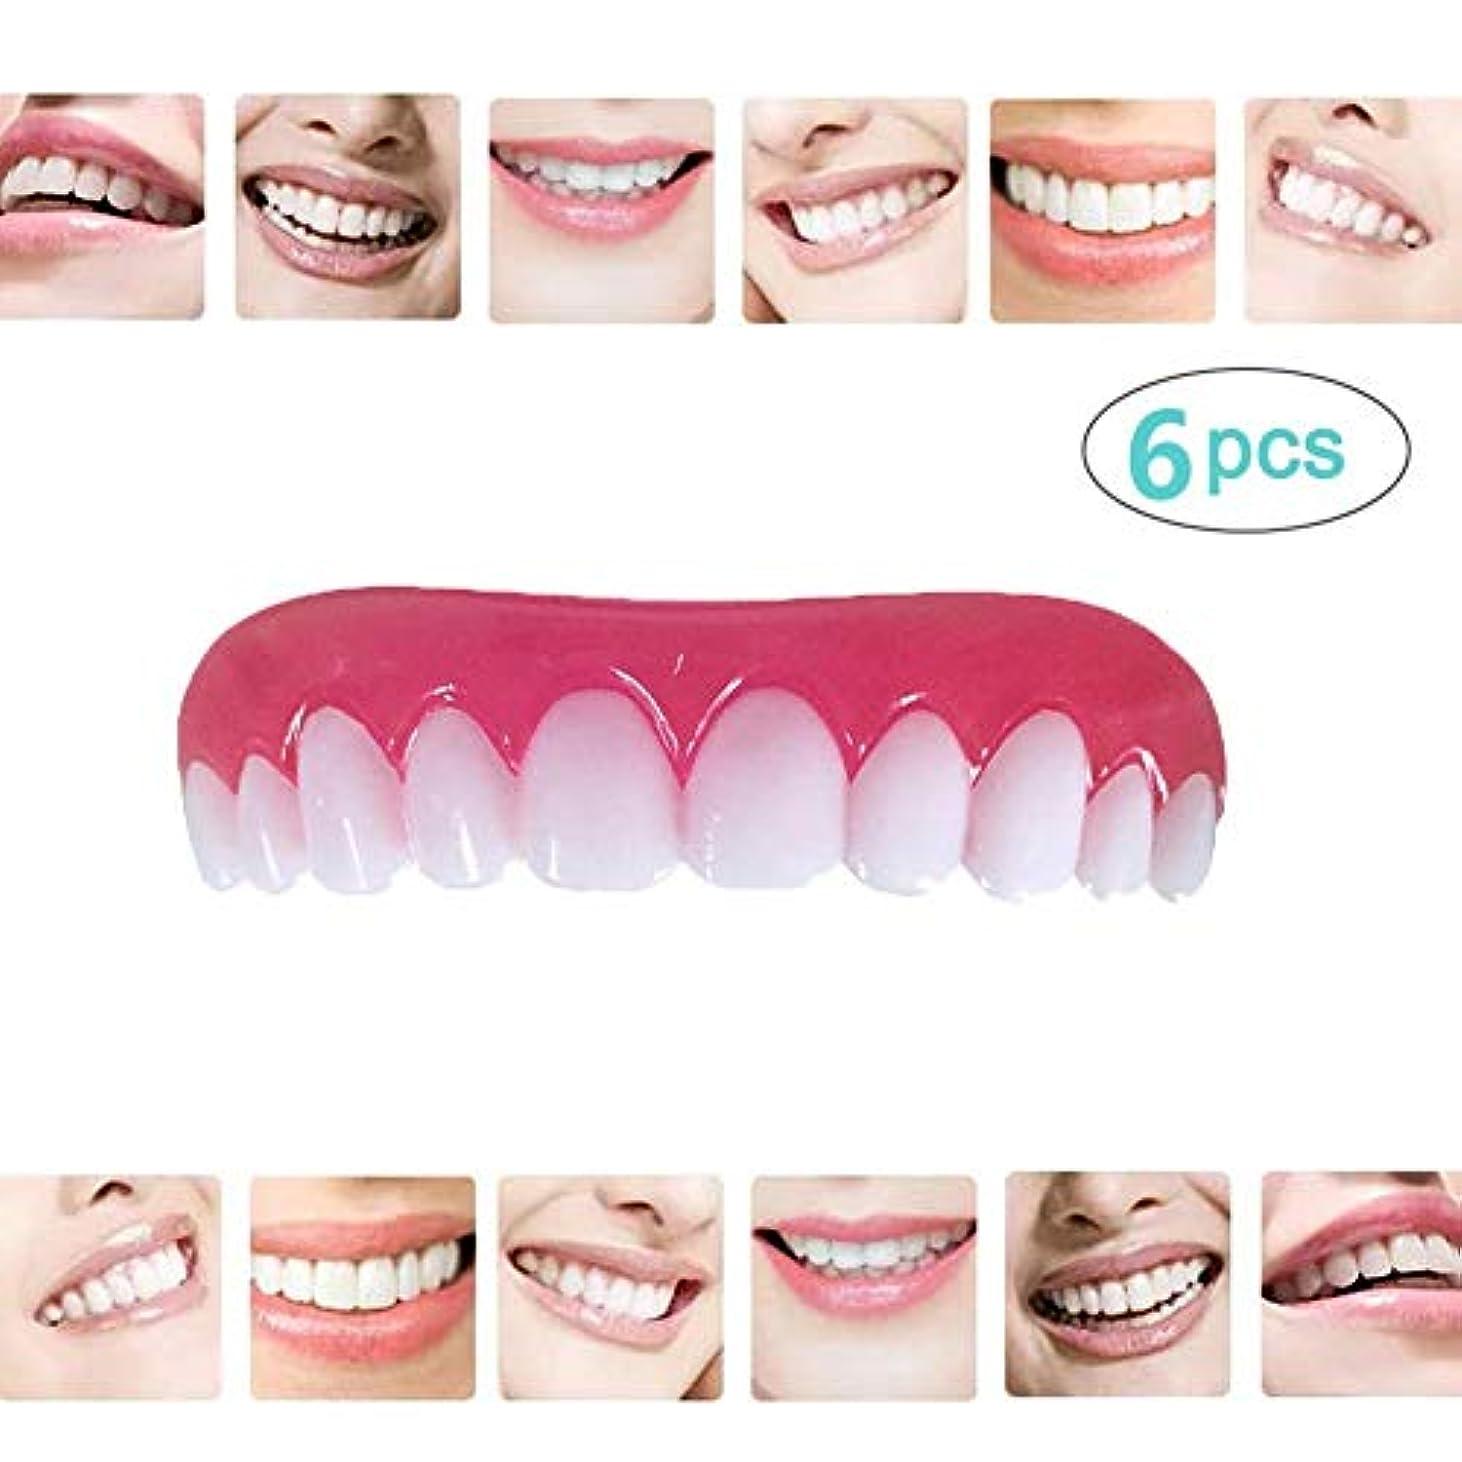 用量強化する司書快適なコスメティックスマイルフェイクトゥースベニヤカバー、6個をホワイトニングする笑顔の歯にシリカゲルデンチャーパーフェクトフィットスナップ